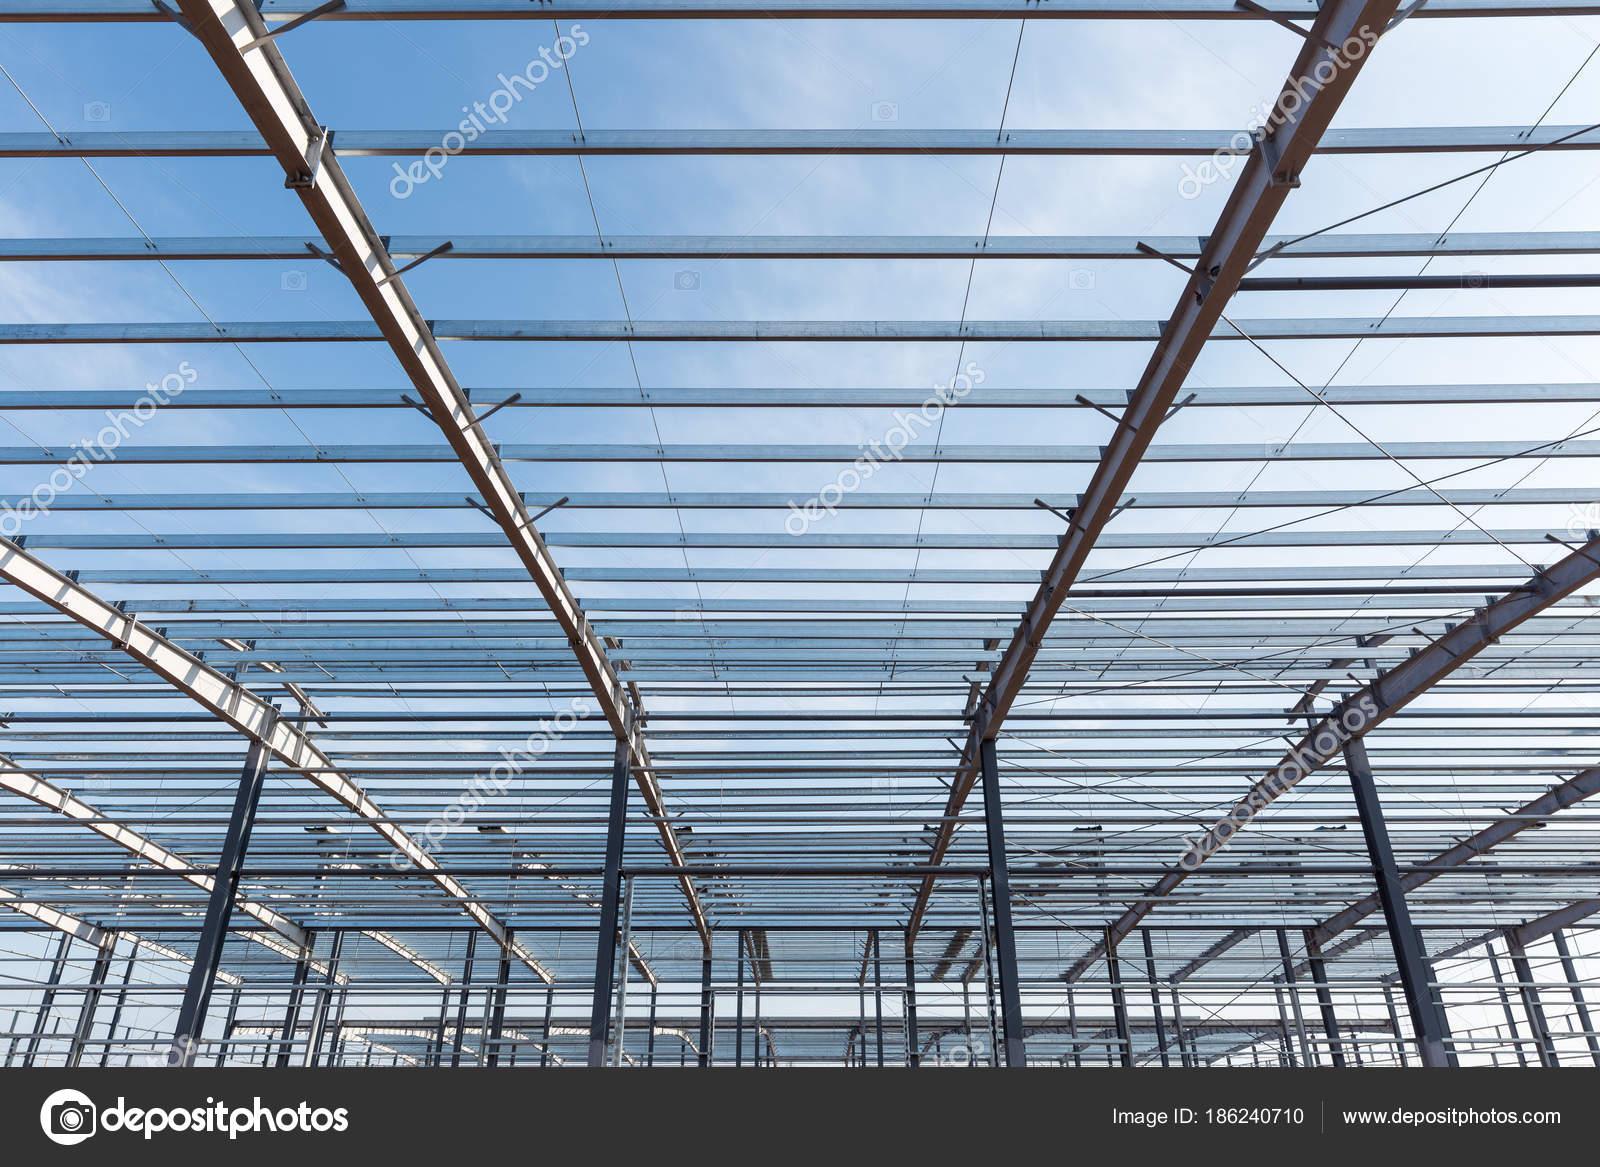 edificio de estructura de acero — Foto de stock © chungking #186240710